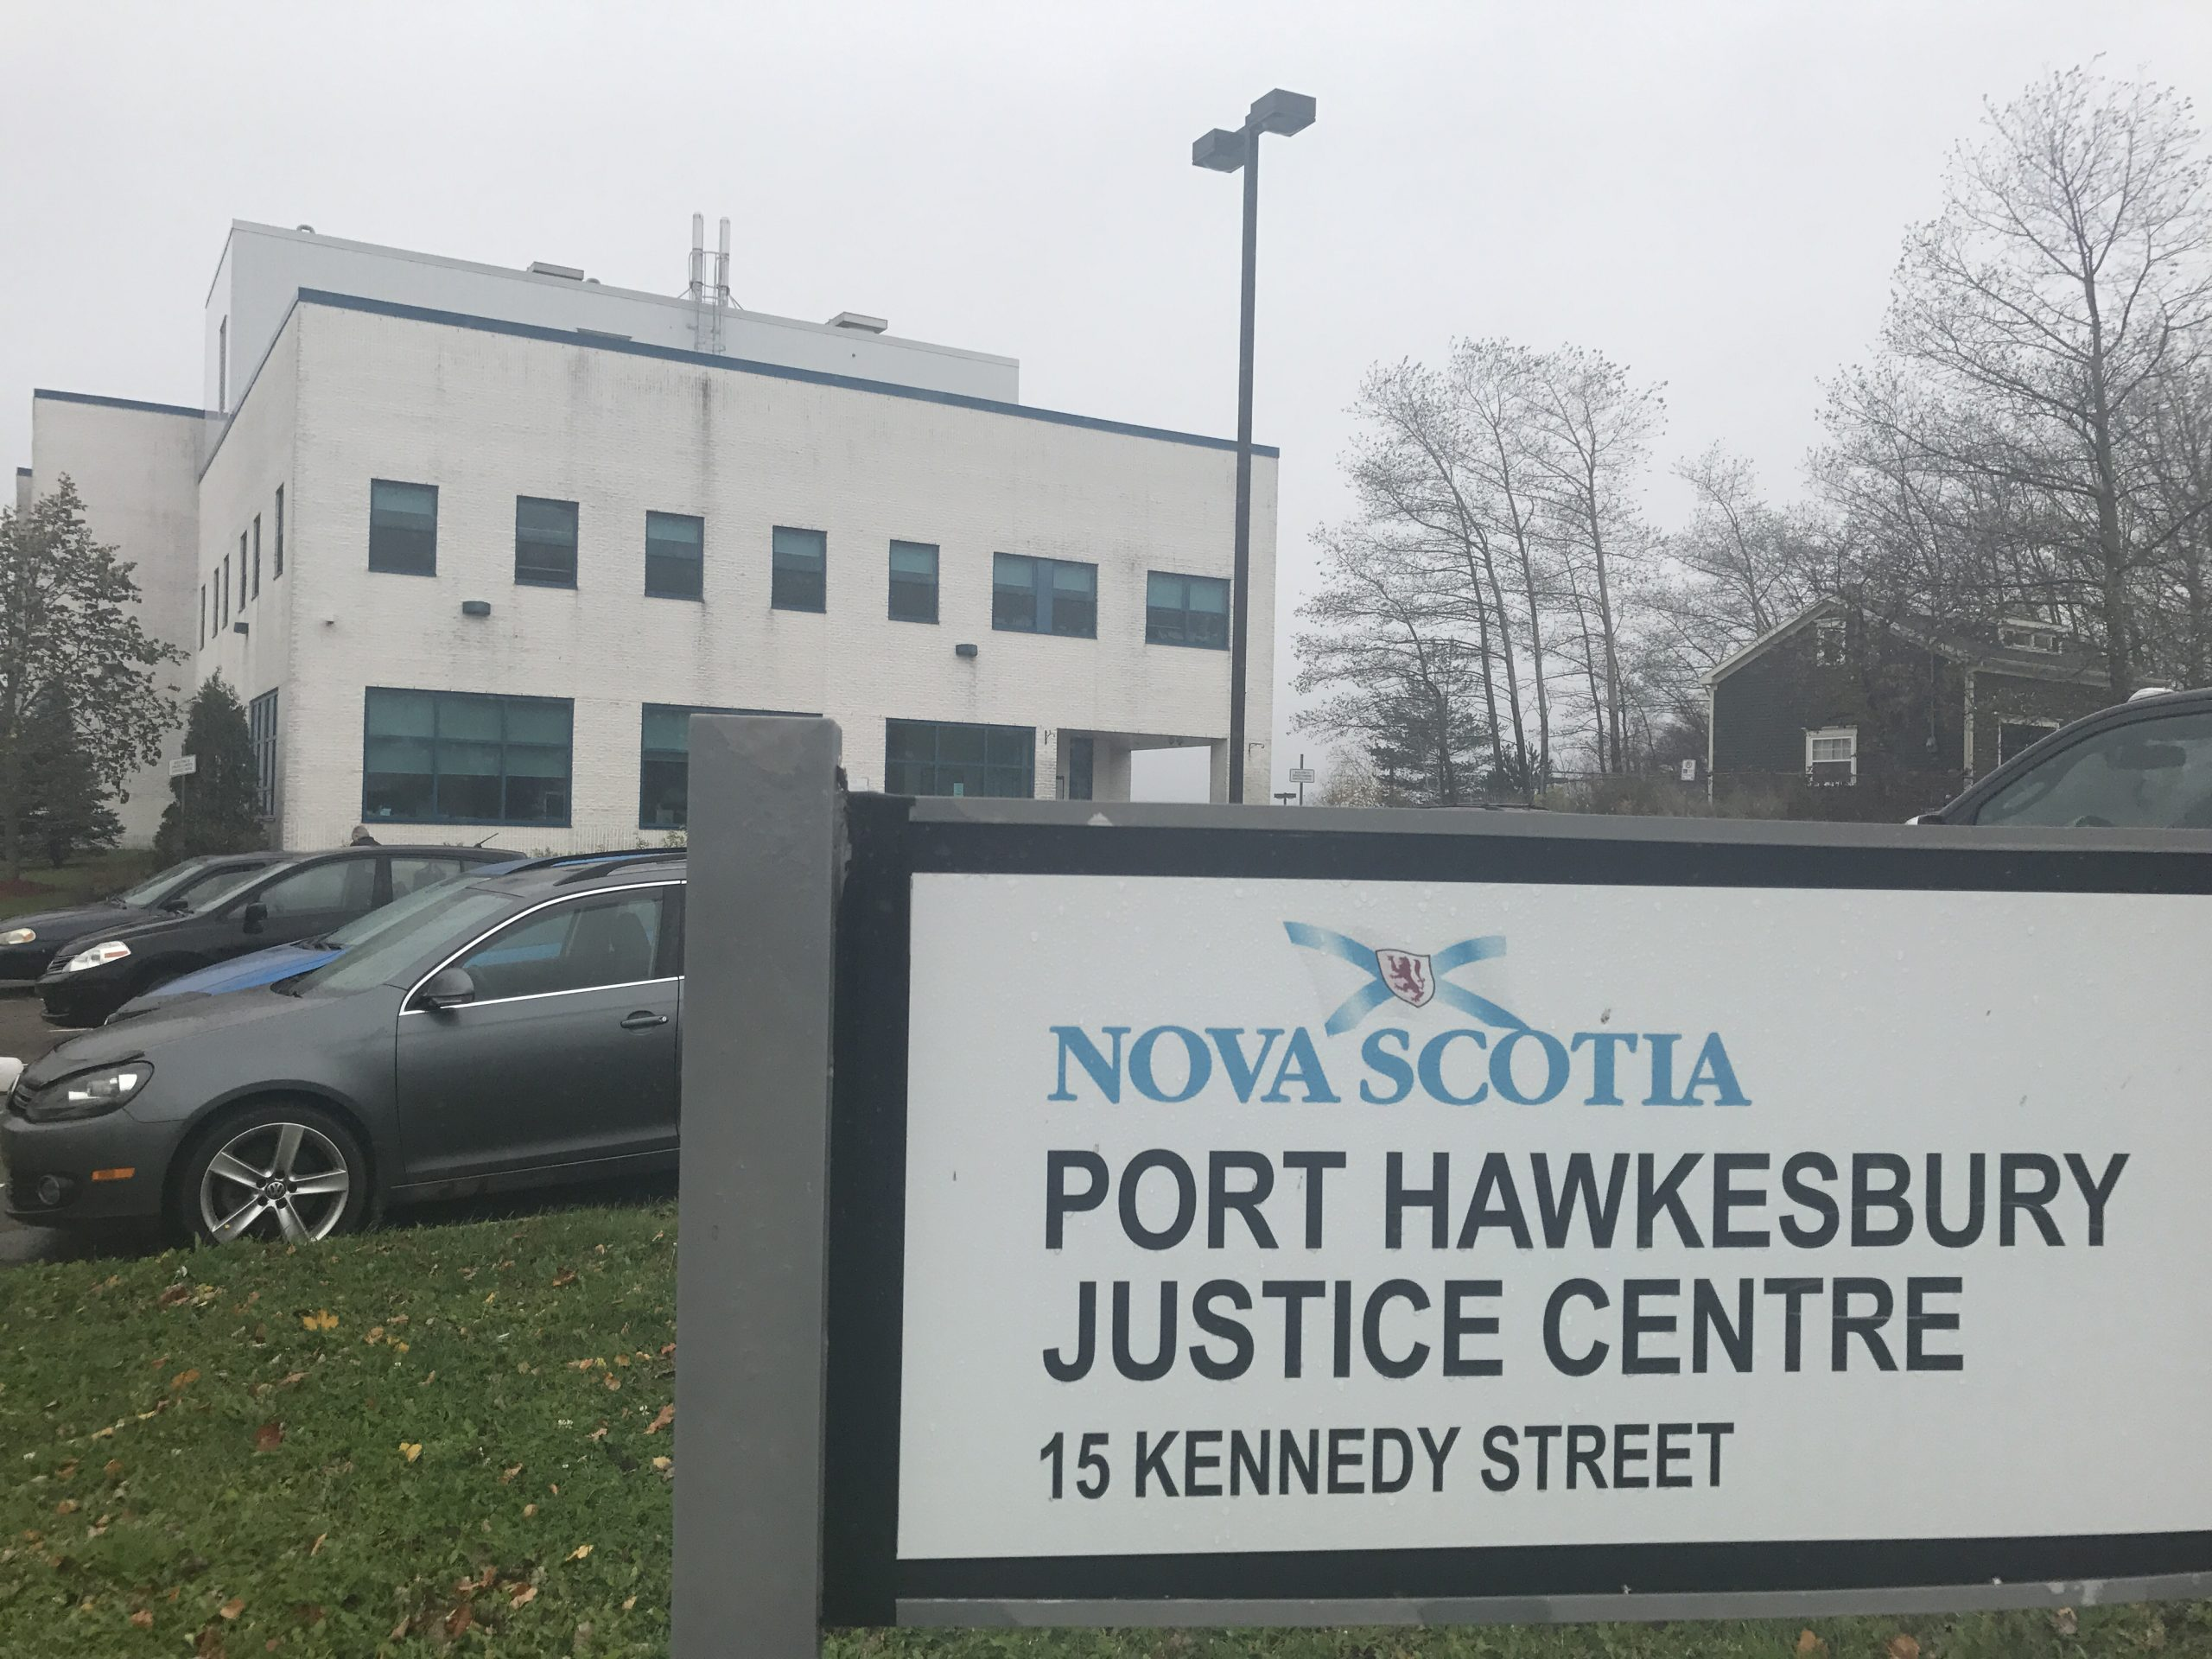 Women arrested in Inverness Co. drug bust has case dismissed